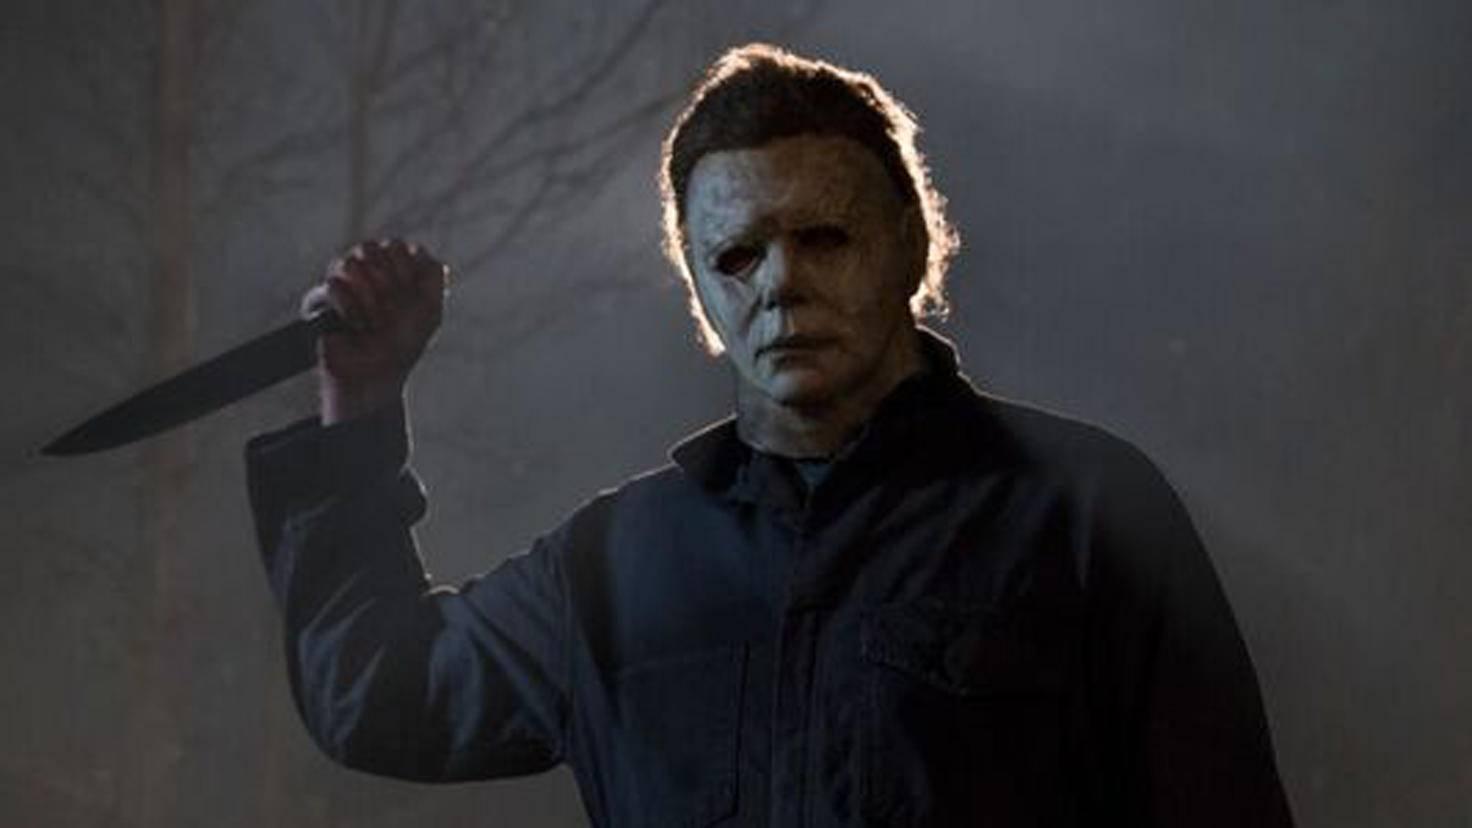 Wenn es um Töten seiner Opfer geht, setzt Michael Myers am liebsten auf sein Messer.